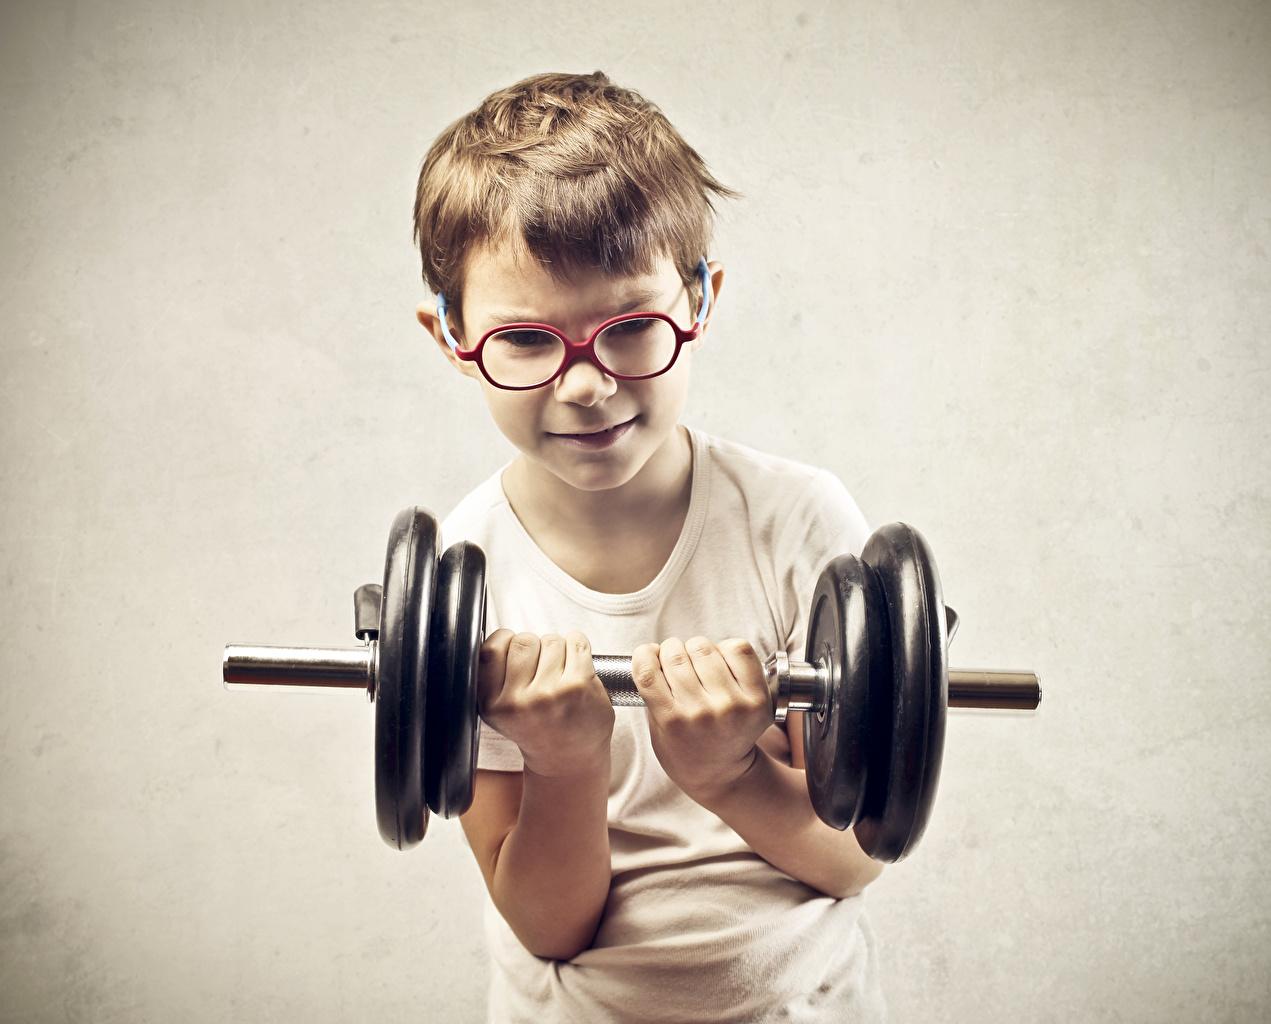 Foto jungen Körperliche Aktivität kind Hanteln Hand Brille Grauer Hintergrund Junge Trainieren Kinder Hantel